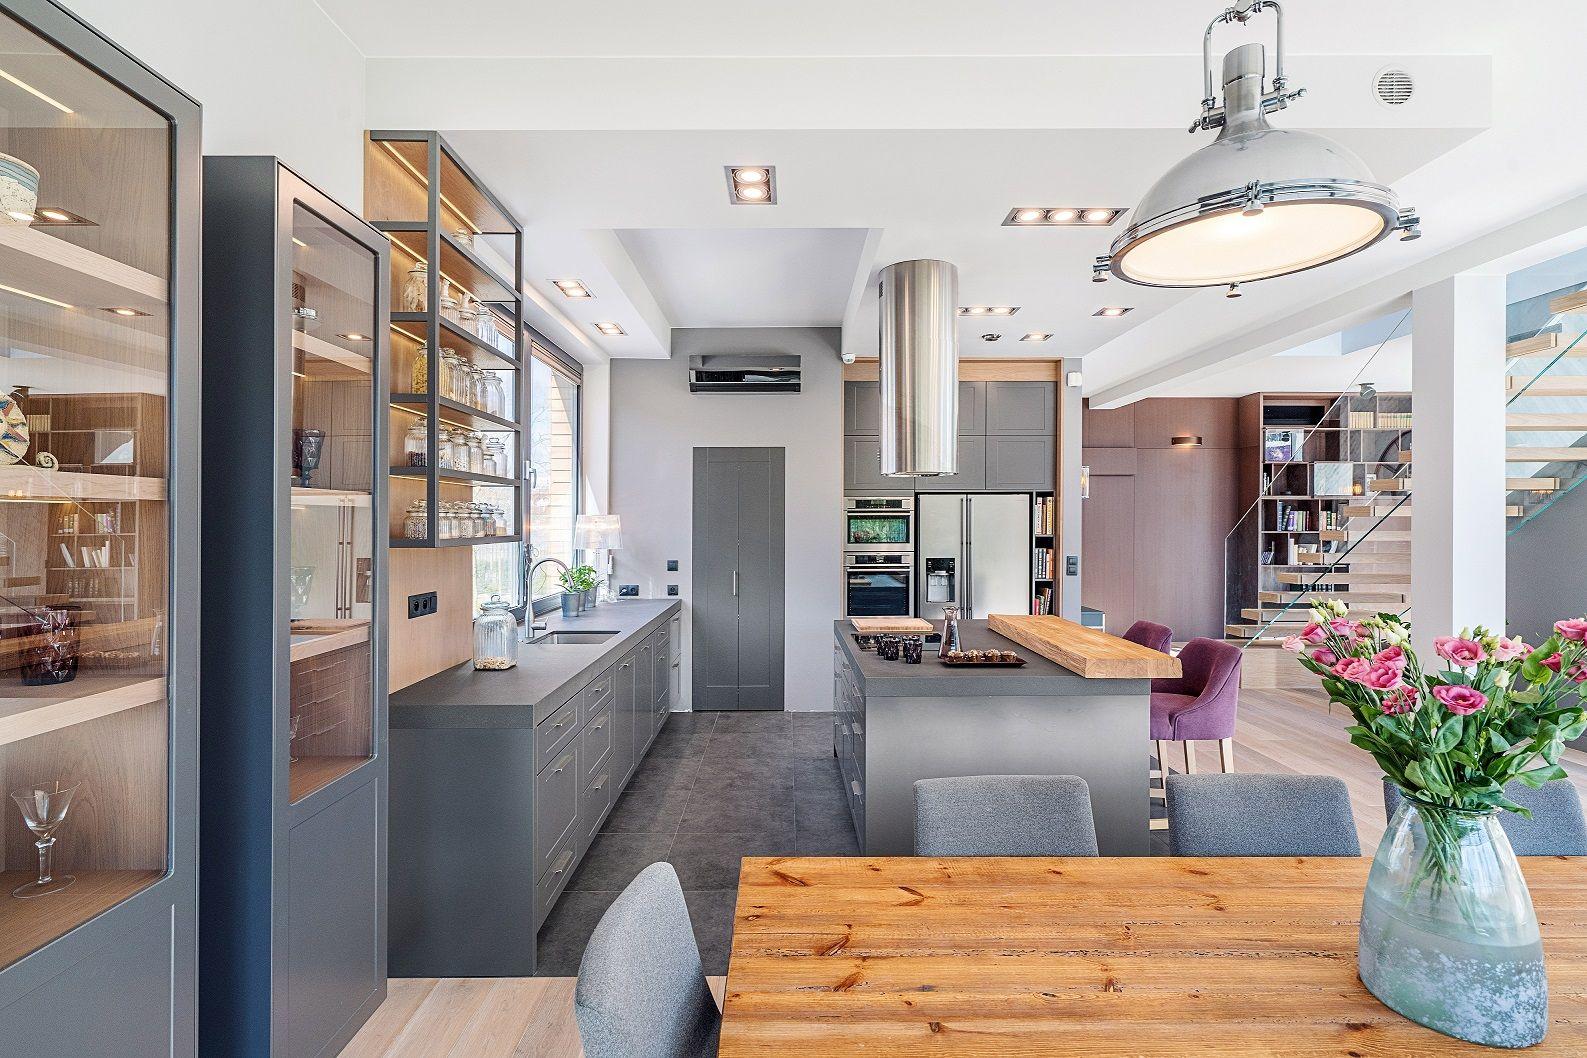 Wnetrze Dla Wielbicieli Modernistycznego Wykonczenia Zachwytow Nie Ma Konca Kuchnia Inspiracje Aranzacja Wykonczenie Design K Furniture Home Decor Home